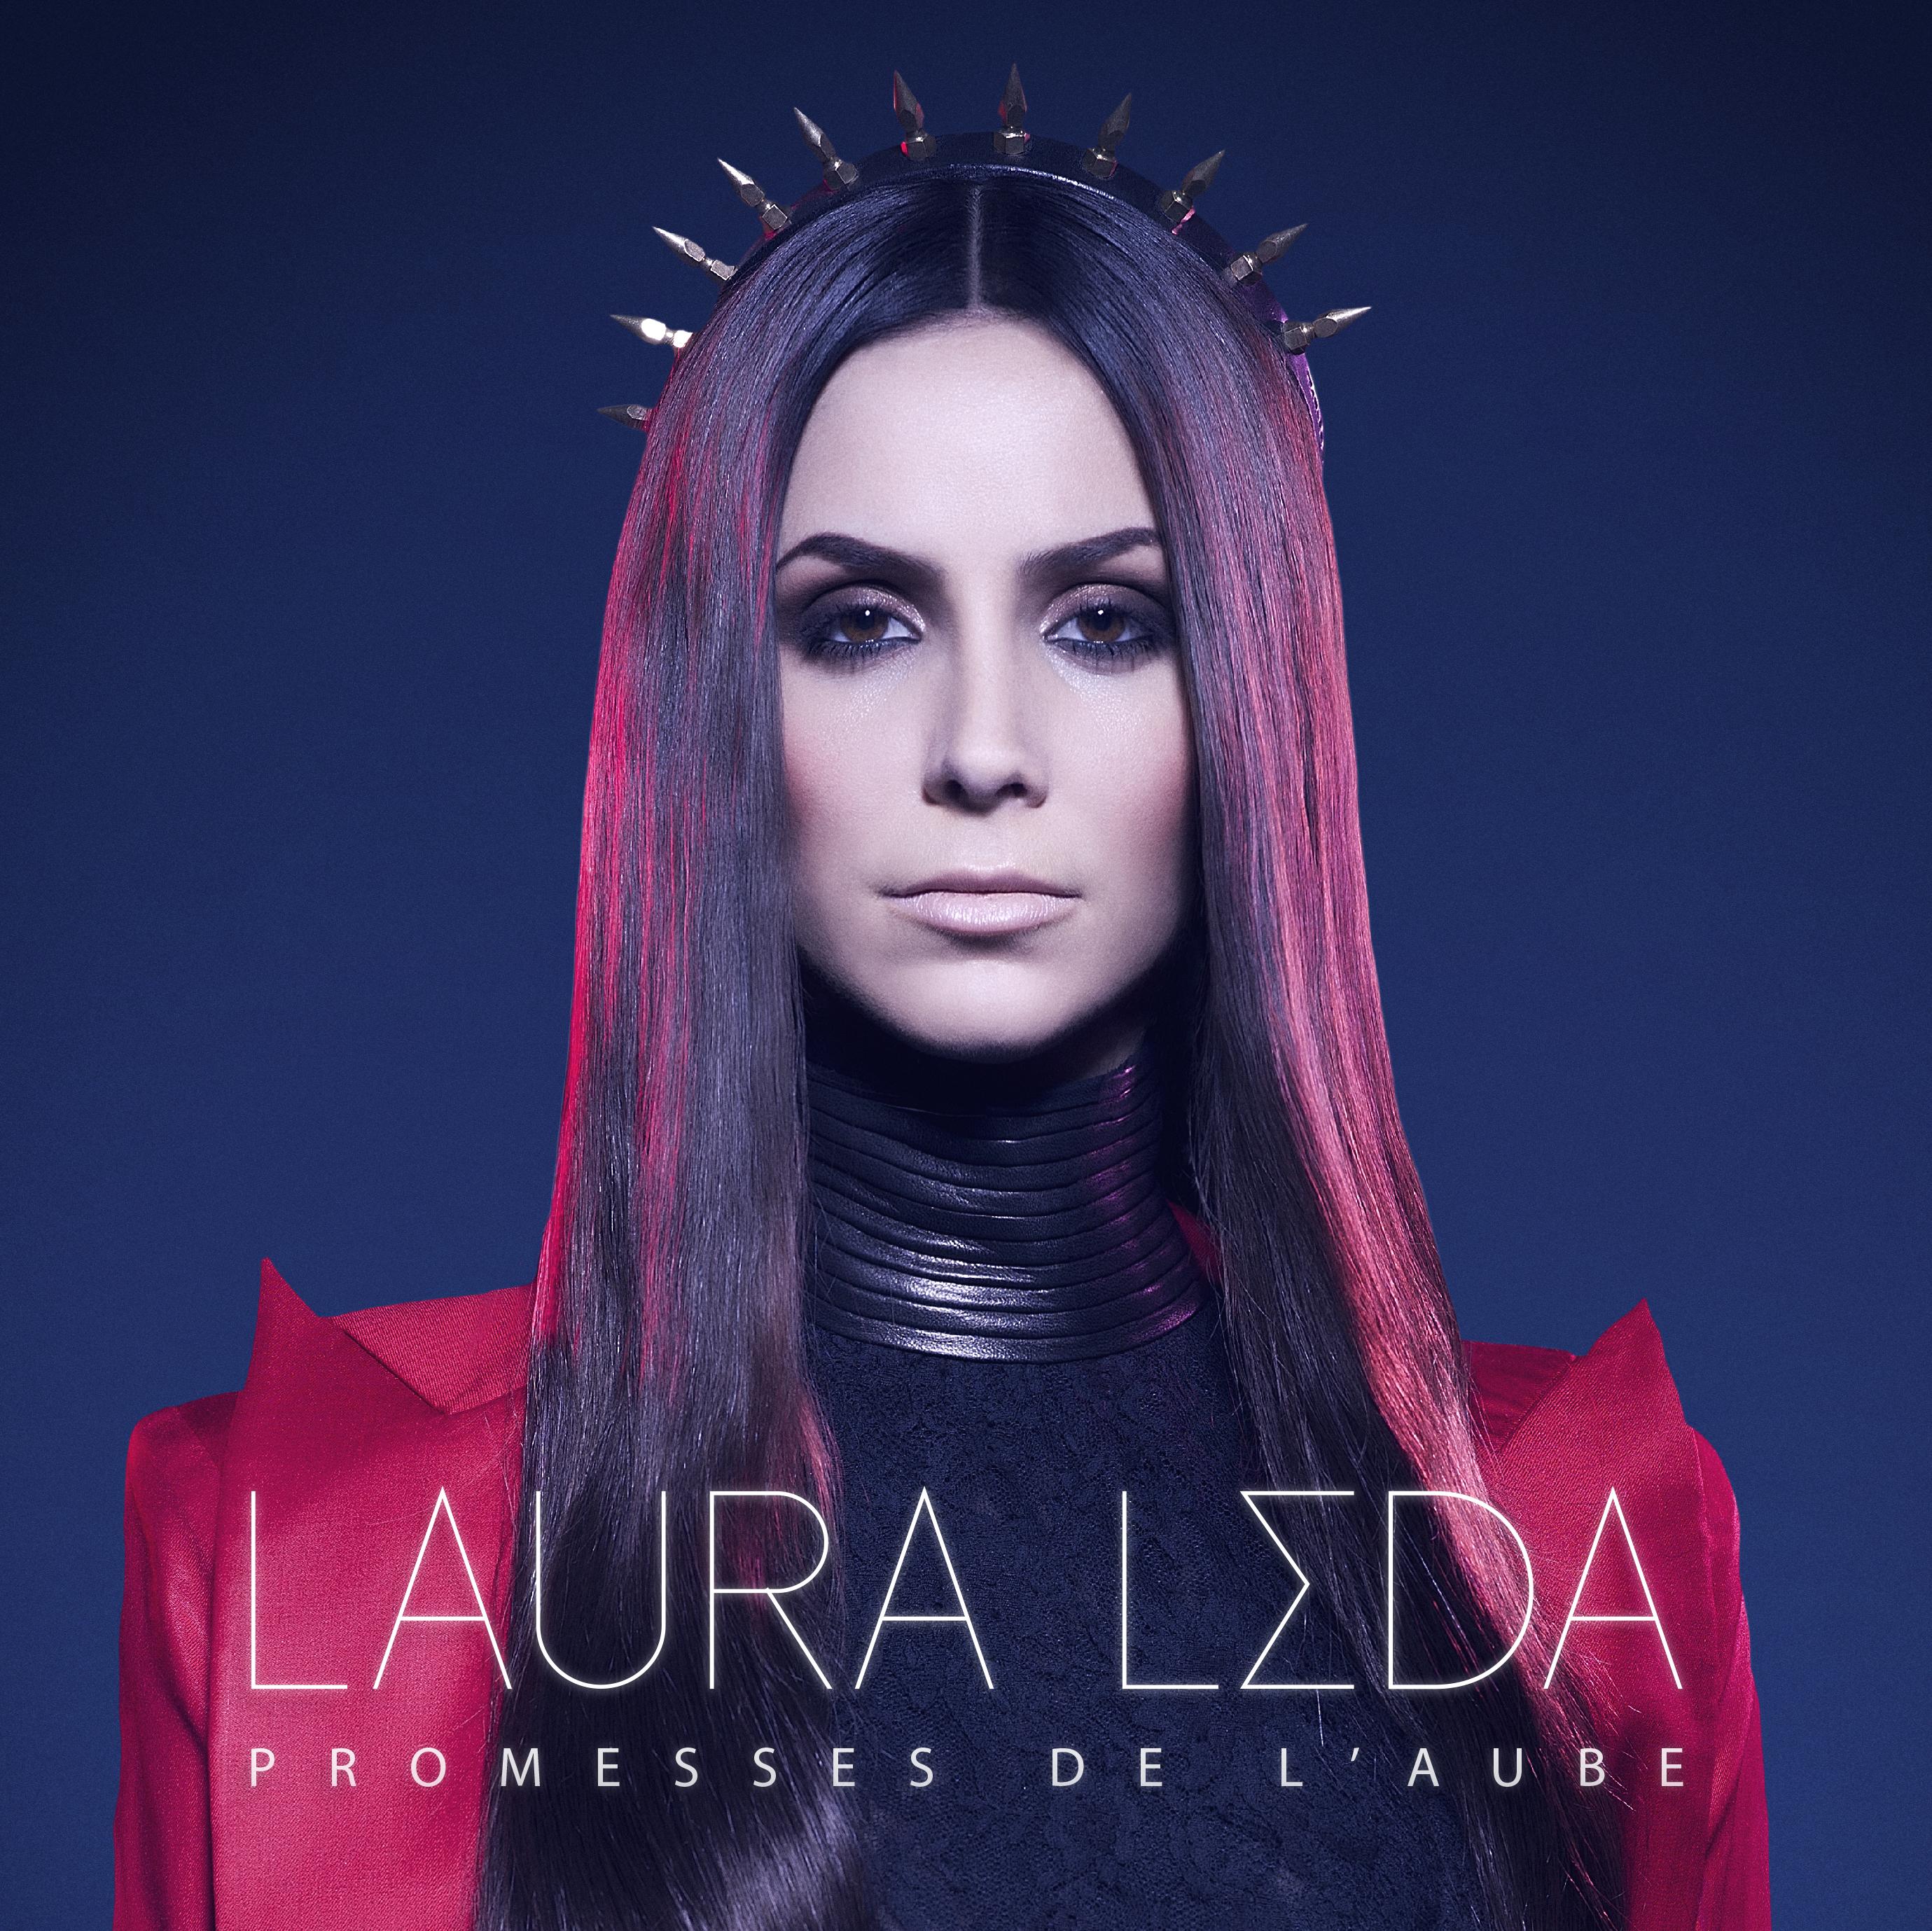 Laura_Leda_Promesses_de_laube